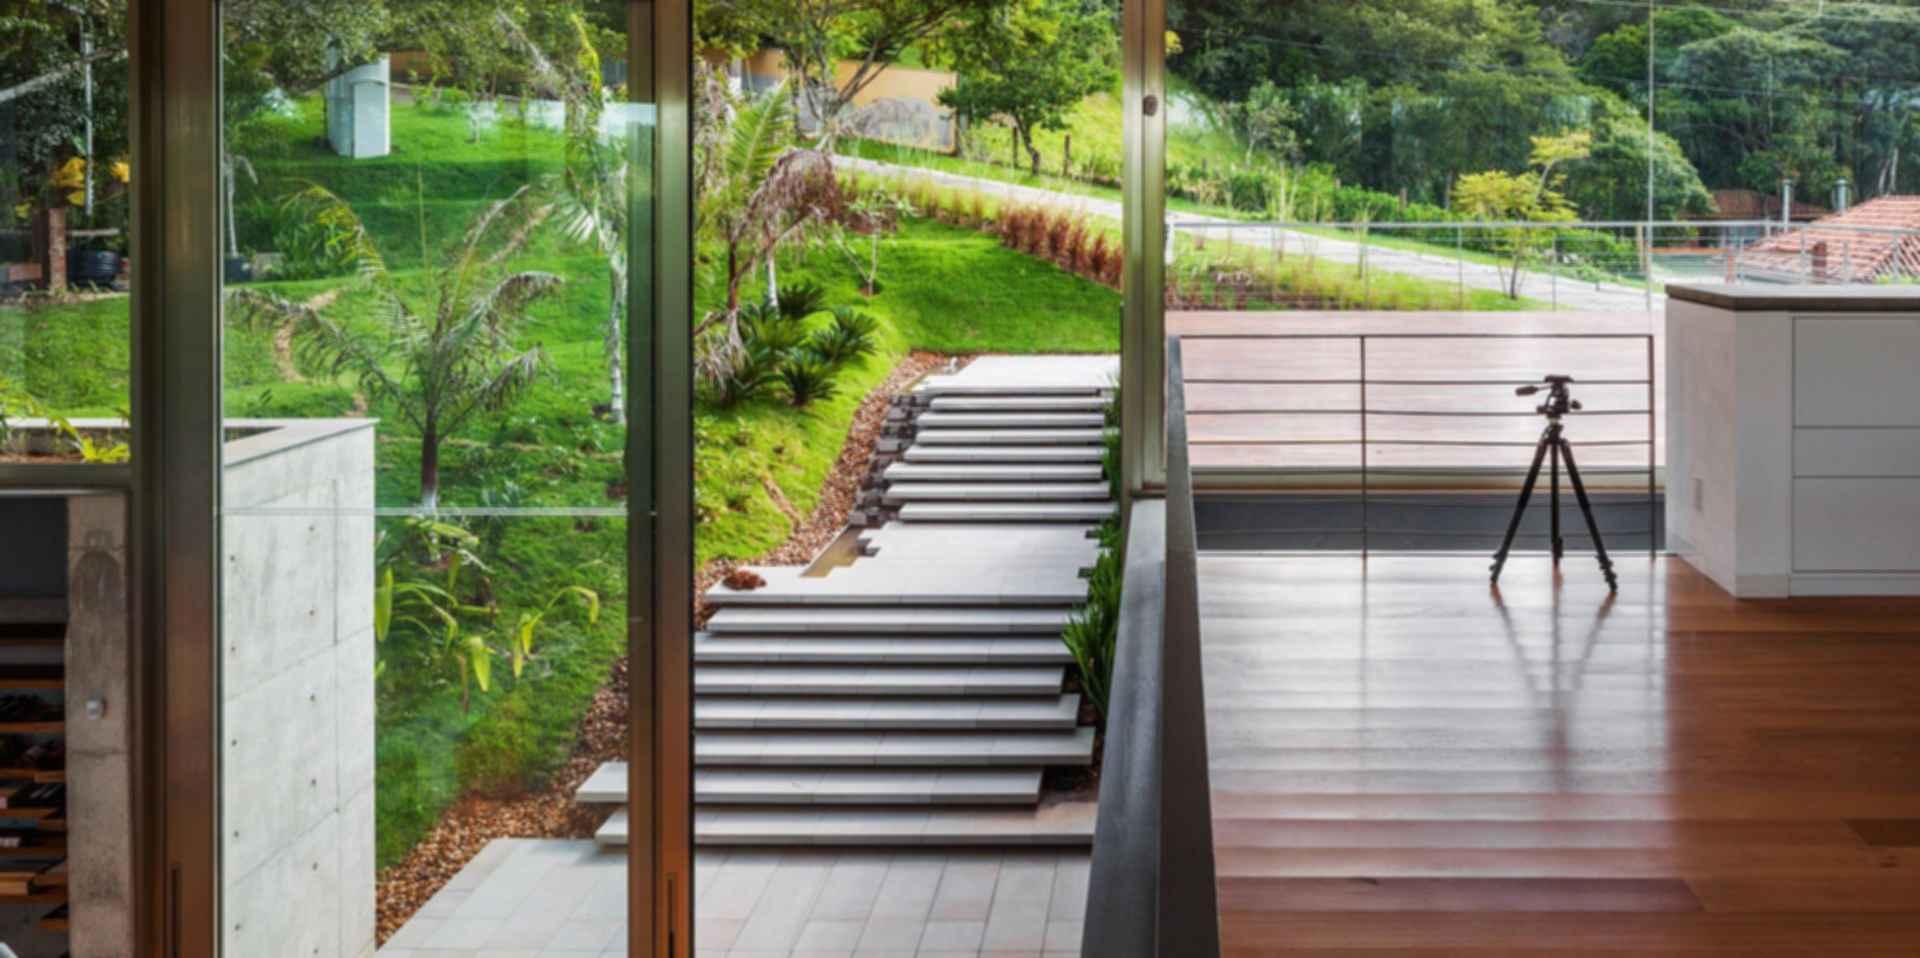 LLM House - Entrance/Decking